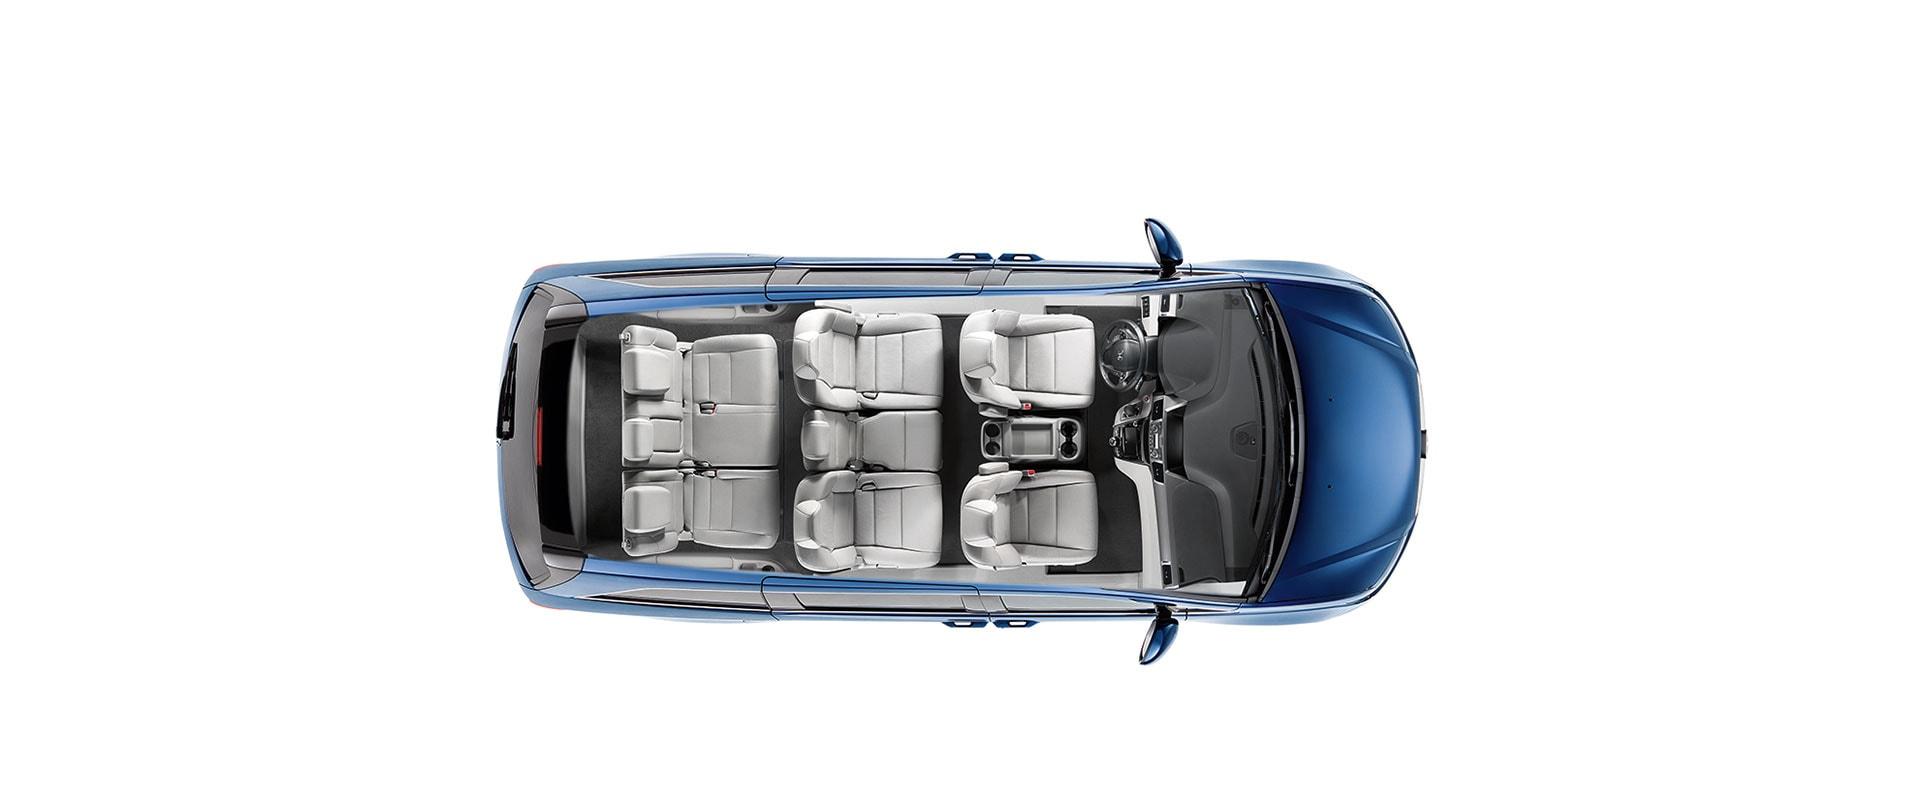 Automobiles Honda Com Images 2016 Odyssey Features